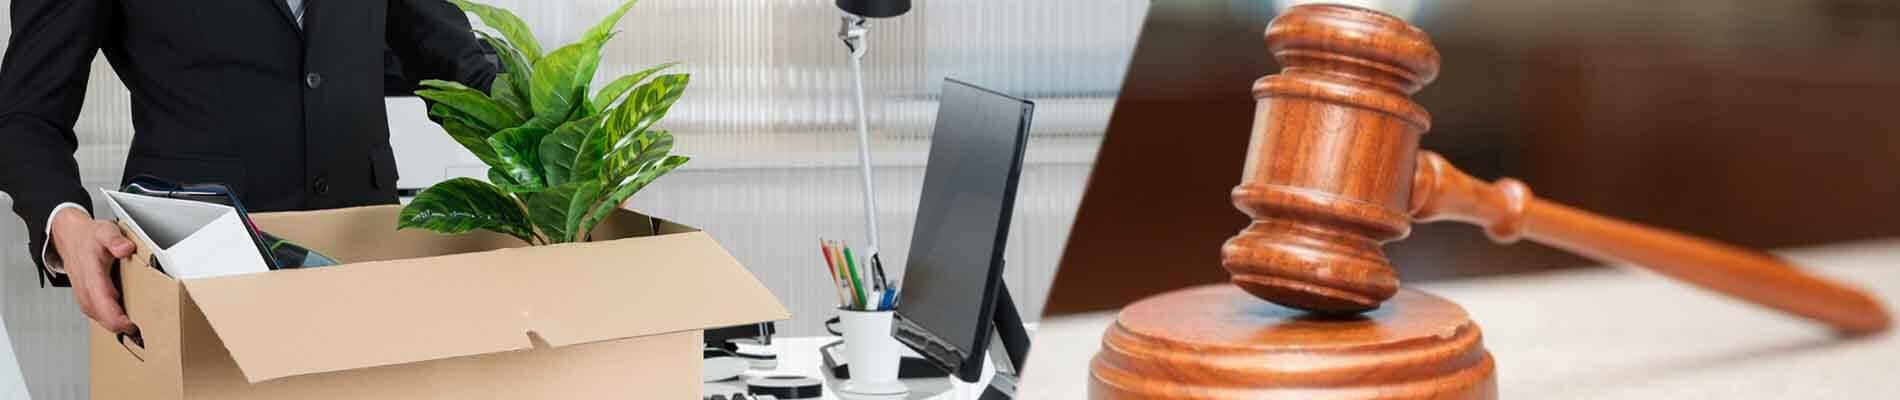 Помощь юриста увольнение за прогул